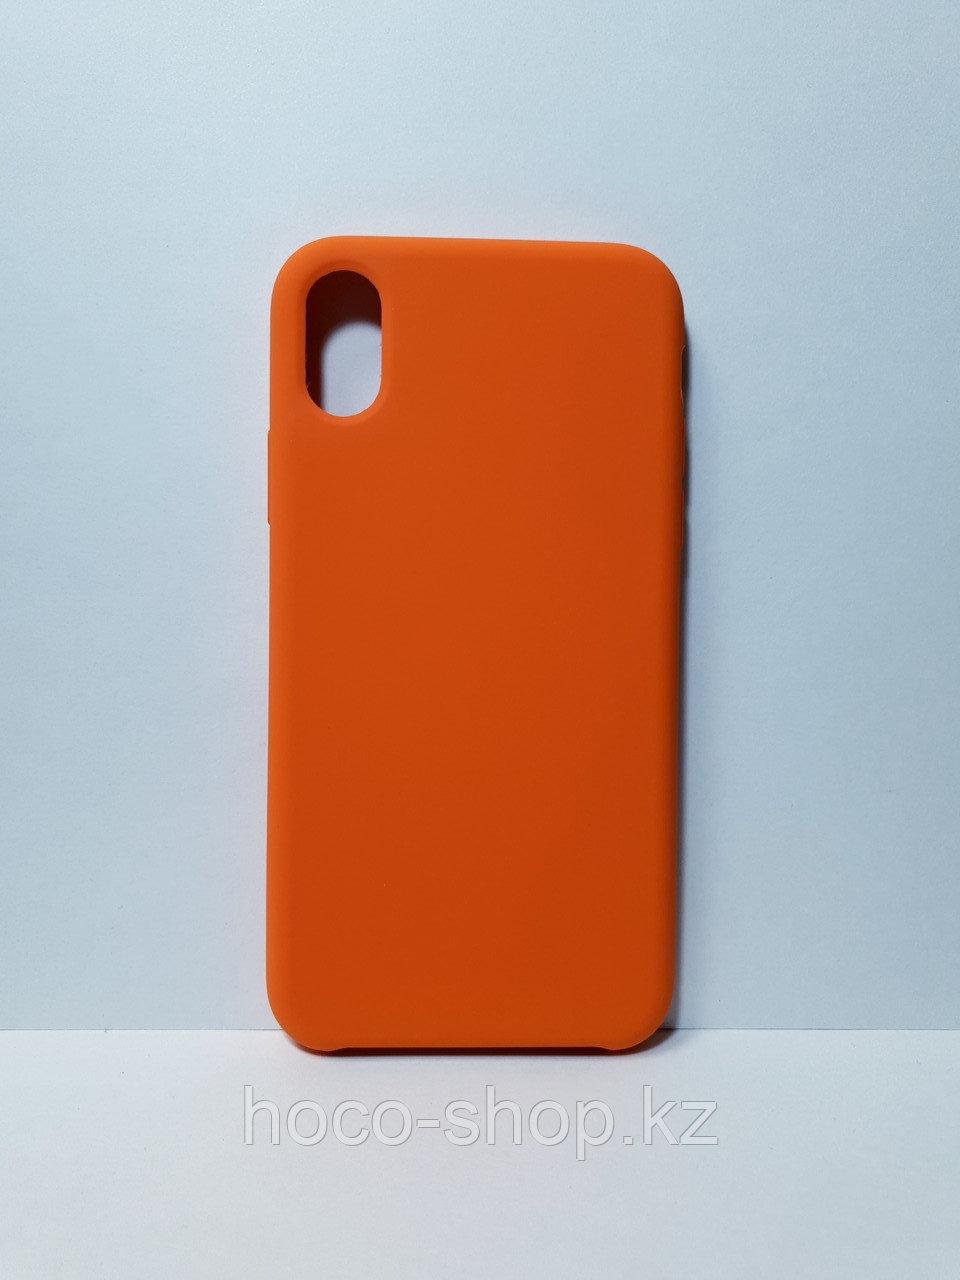 Защитный чехол для iPhone X/Xs Soft Touch силиконовый, оранжевый